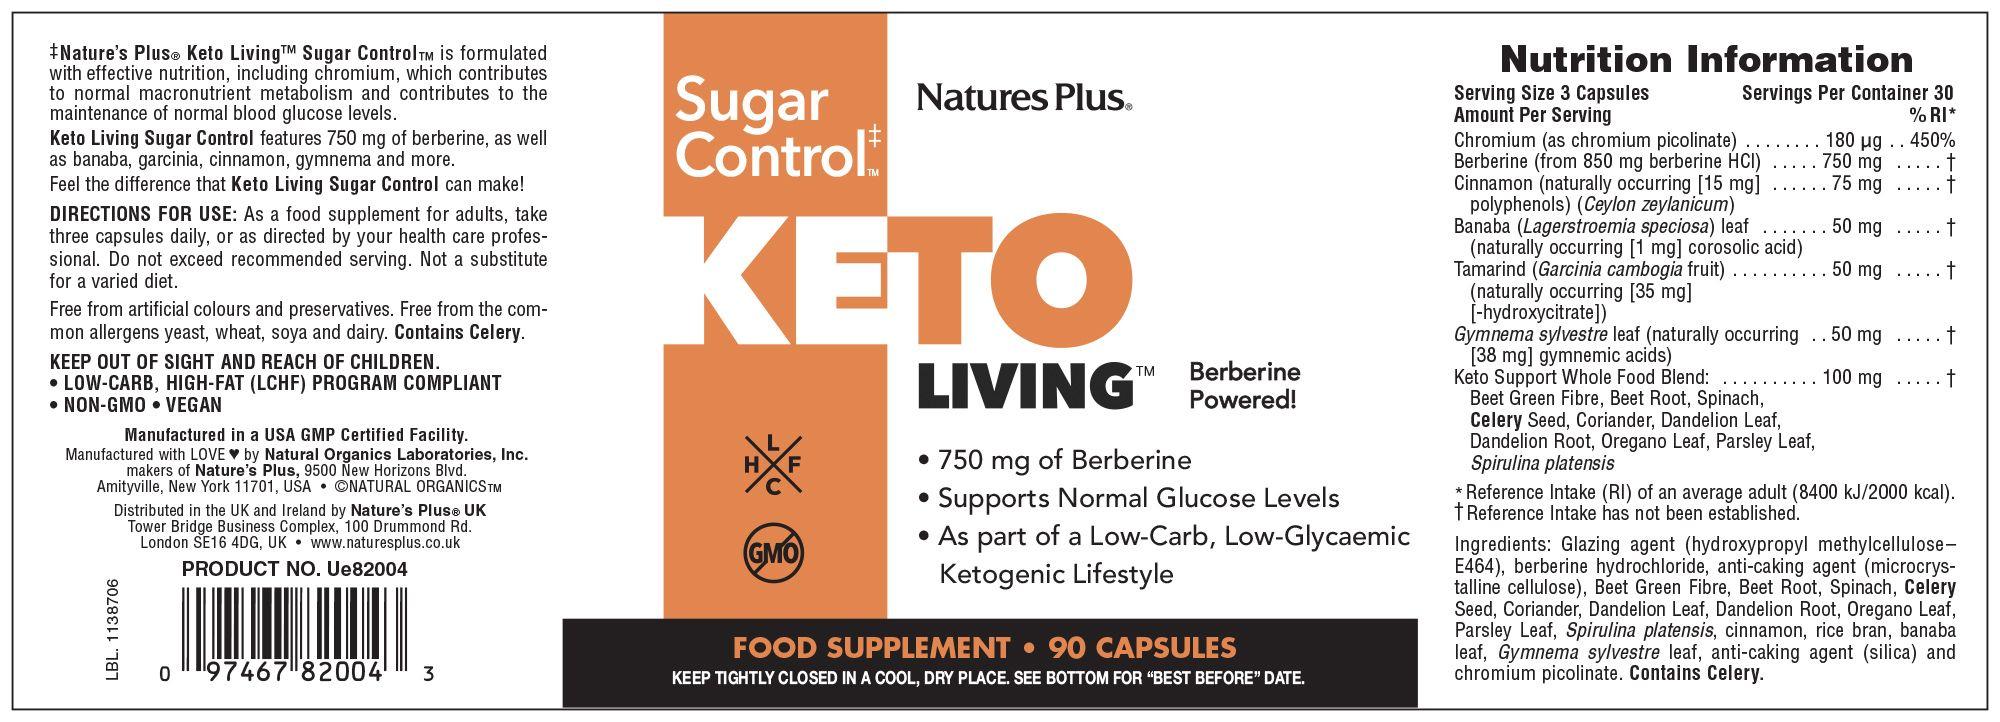 Keto Living Sugar Control 90's